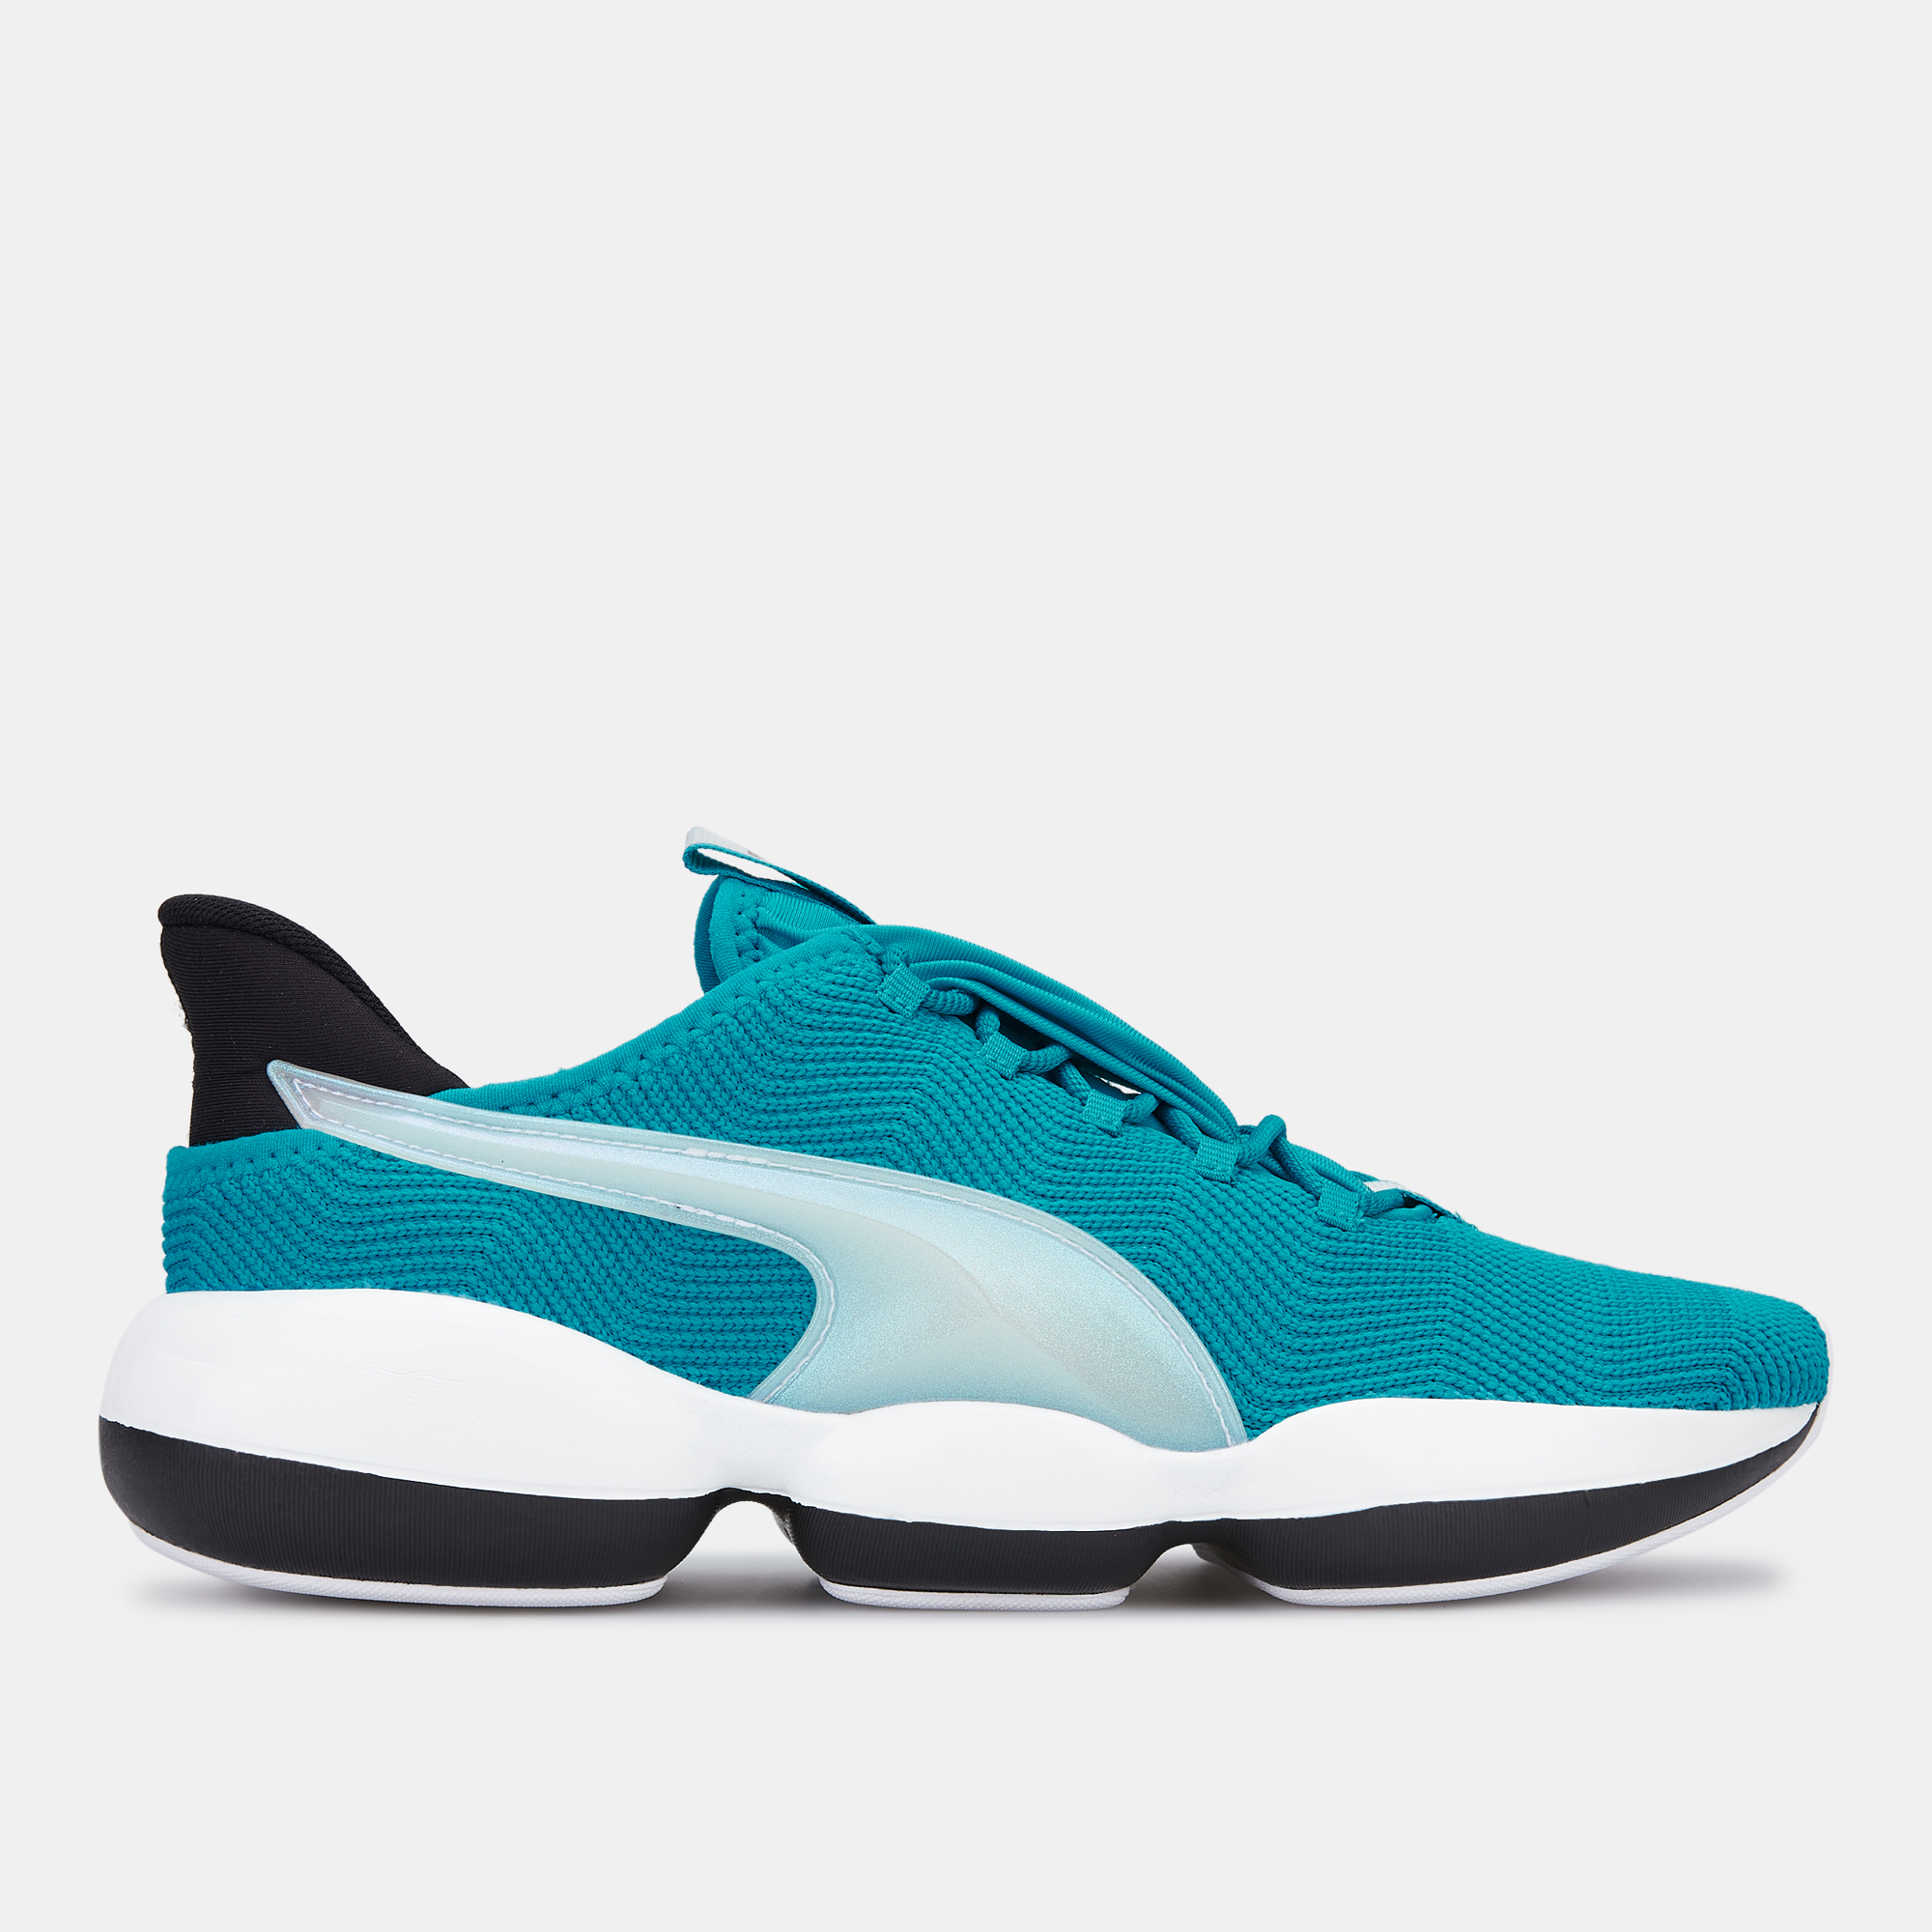 Details zu PUMA Mode XT Iridescent Trailblazer Damen Sneaker Frauen Schuhe Training Neu